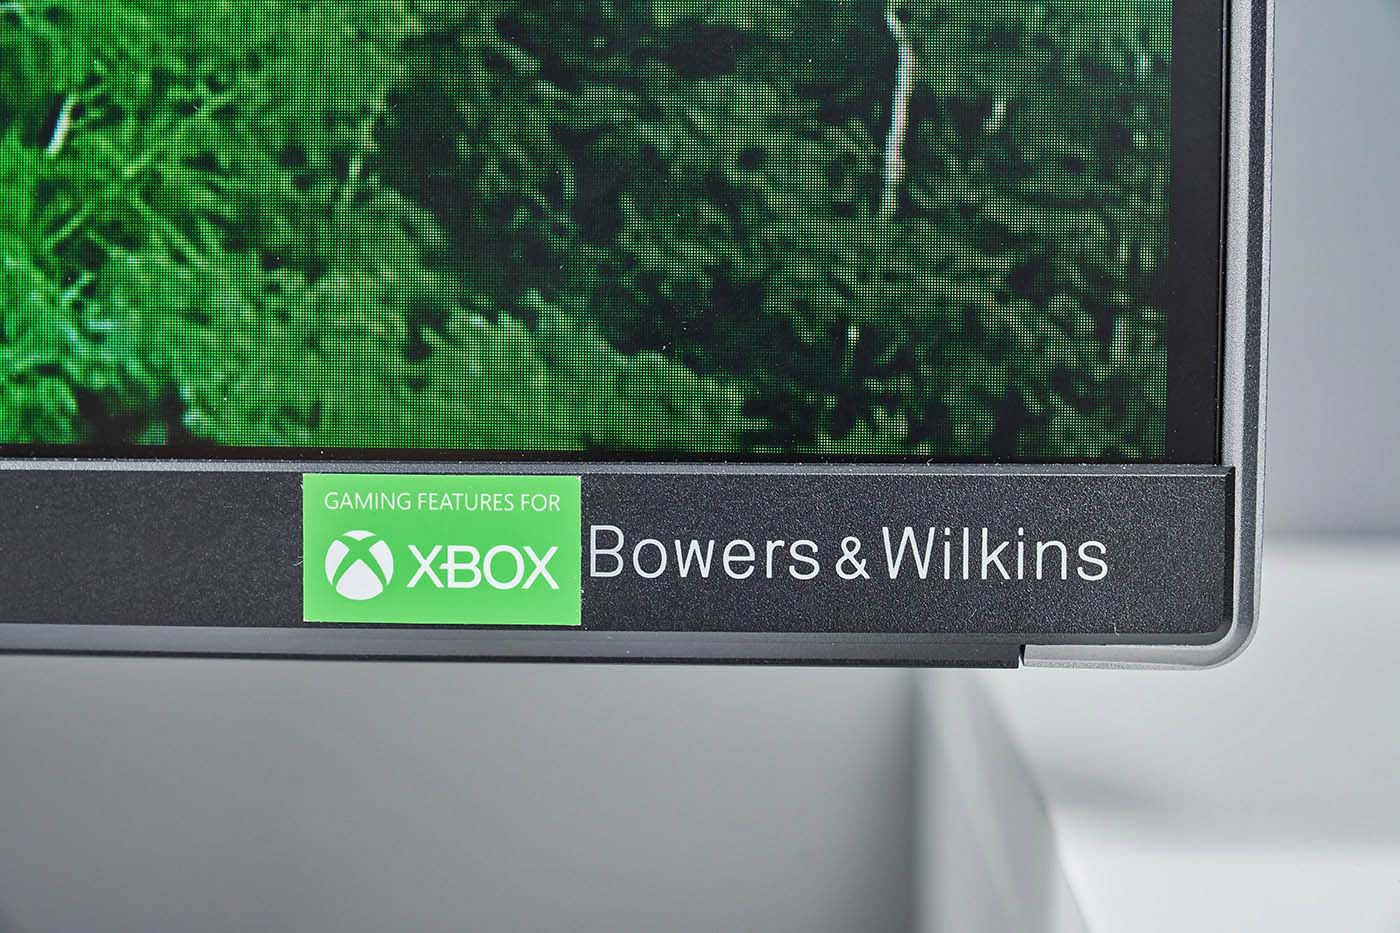 與 Xbox 團隊合作開發的 559M1RYV,在顯示器右下角鮮明標示著 Xbox 遊戲功能對應的文字,而這標誌也宣示559M1RYV 具備 Xbox 團隊授權認證,擁有全球首款「專為 Xbox 設計」之電競螢幕的光環,對於 Xbox 遊戲機玩家來說,更是遊戲表現最佳選擇,於此標示一旁則是同樣作為音響系統合作的 B&W 品牌商標。 ▲ 顯示器左下角則是 Philips 商標,醒目但相對低調的設計,讓 559M1RYV 顯出高雅質感。